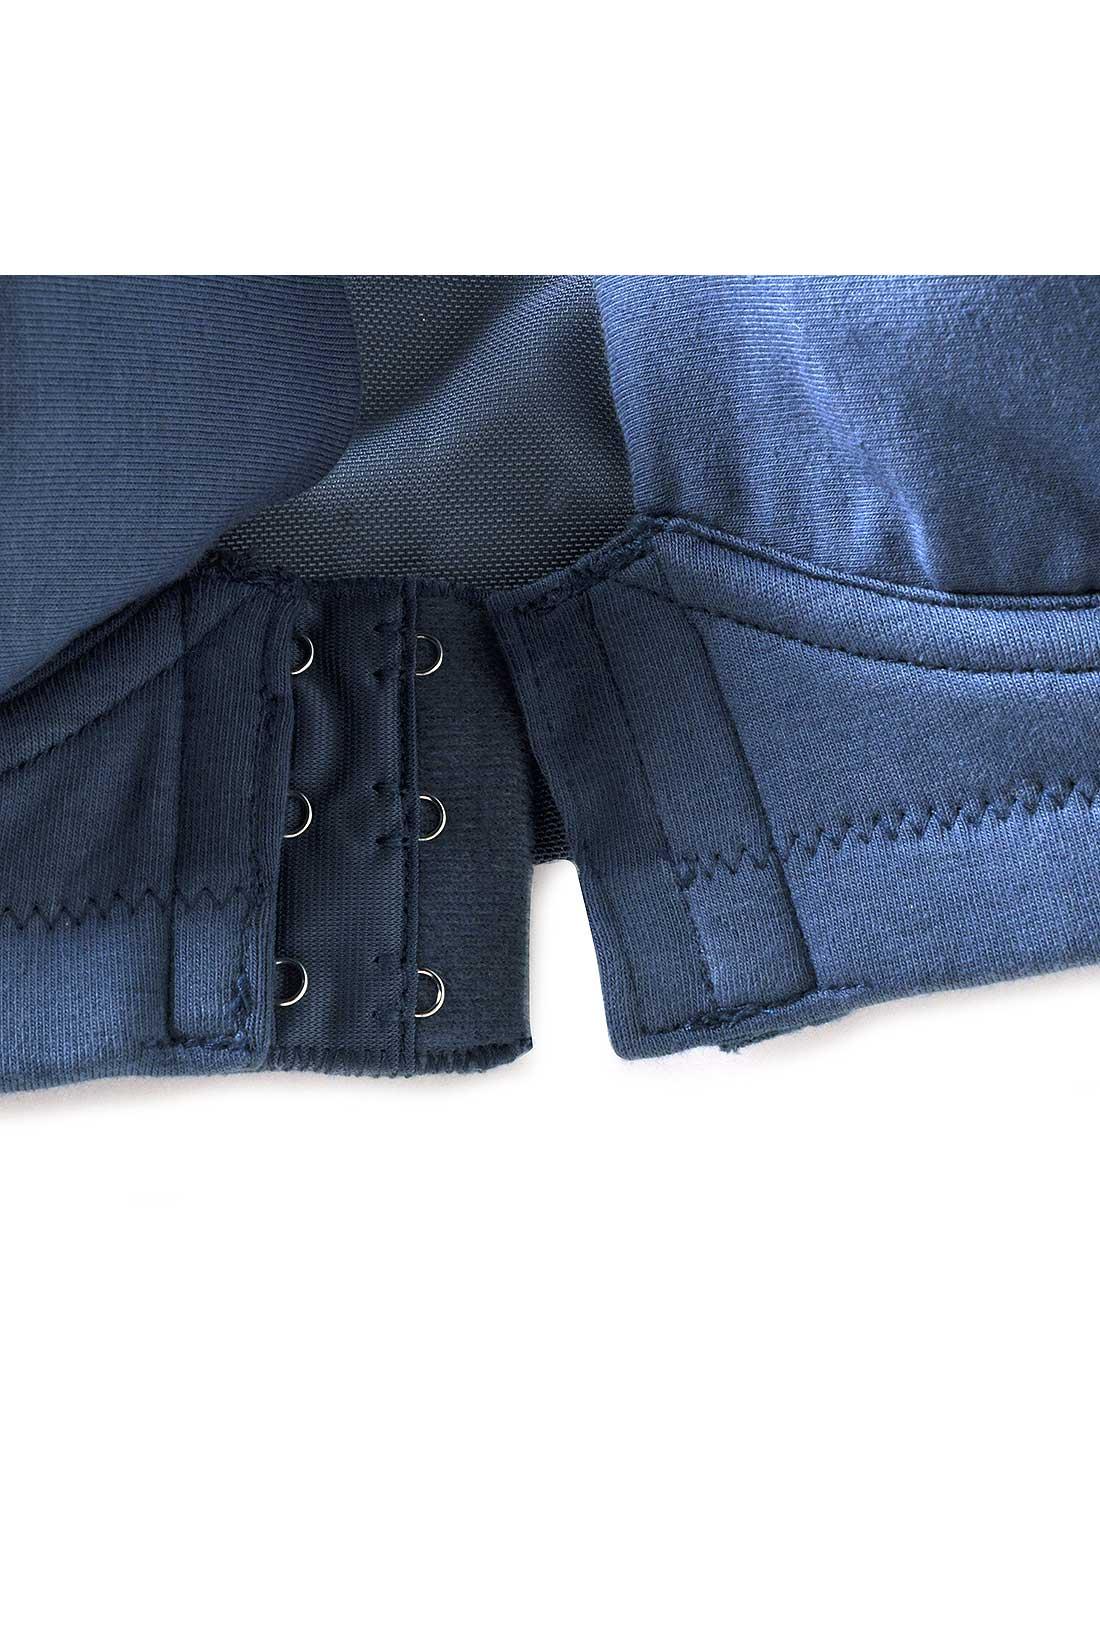 フロントホックは、3段2列で安定感のある着け心地。